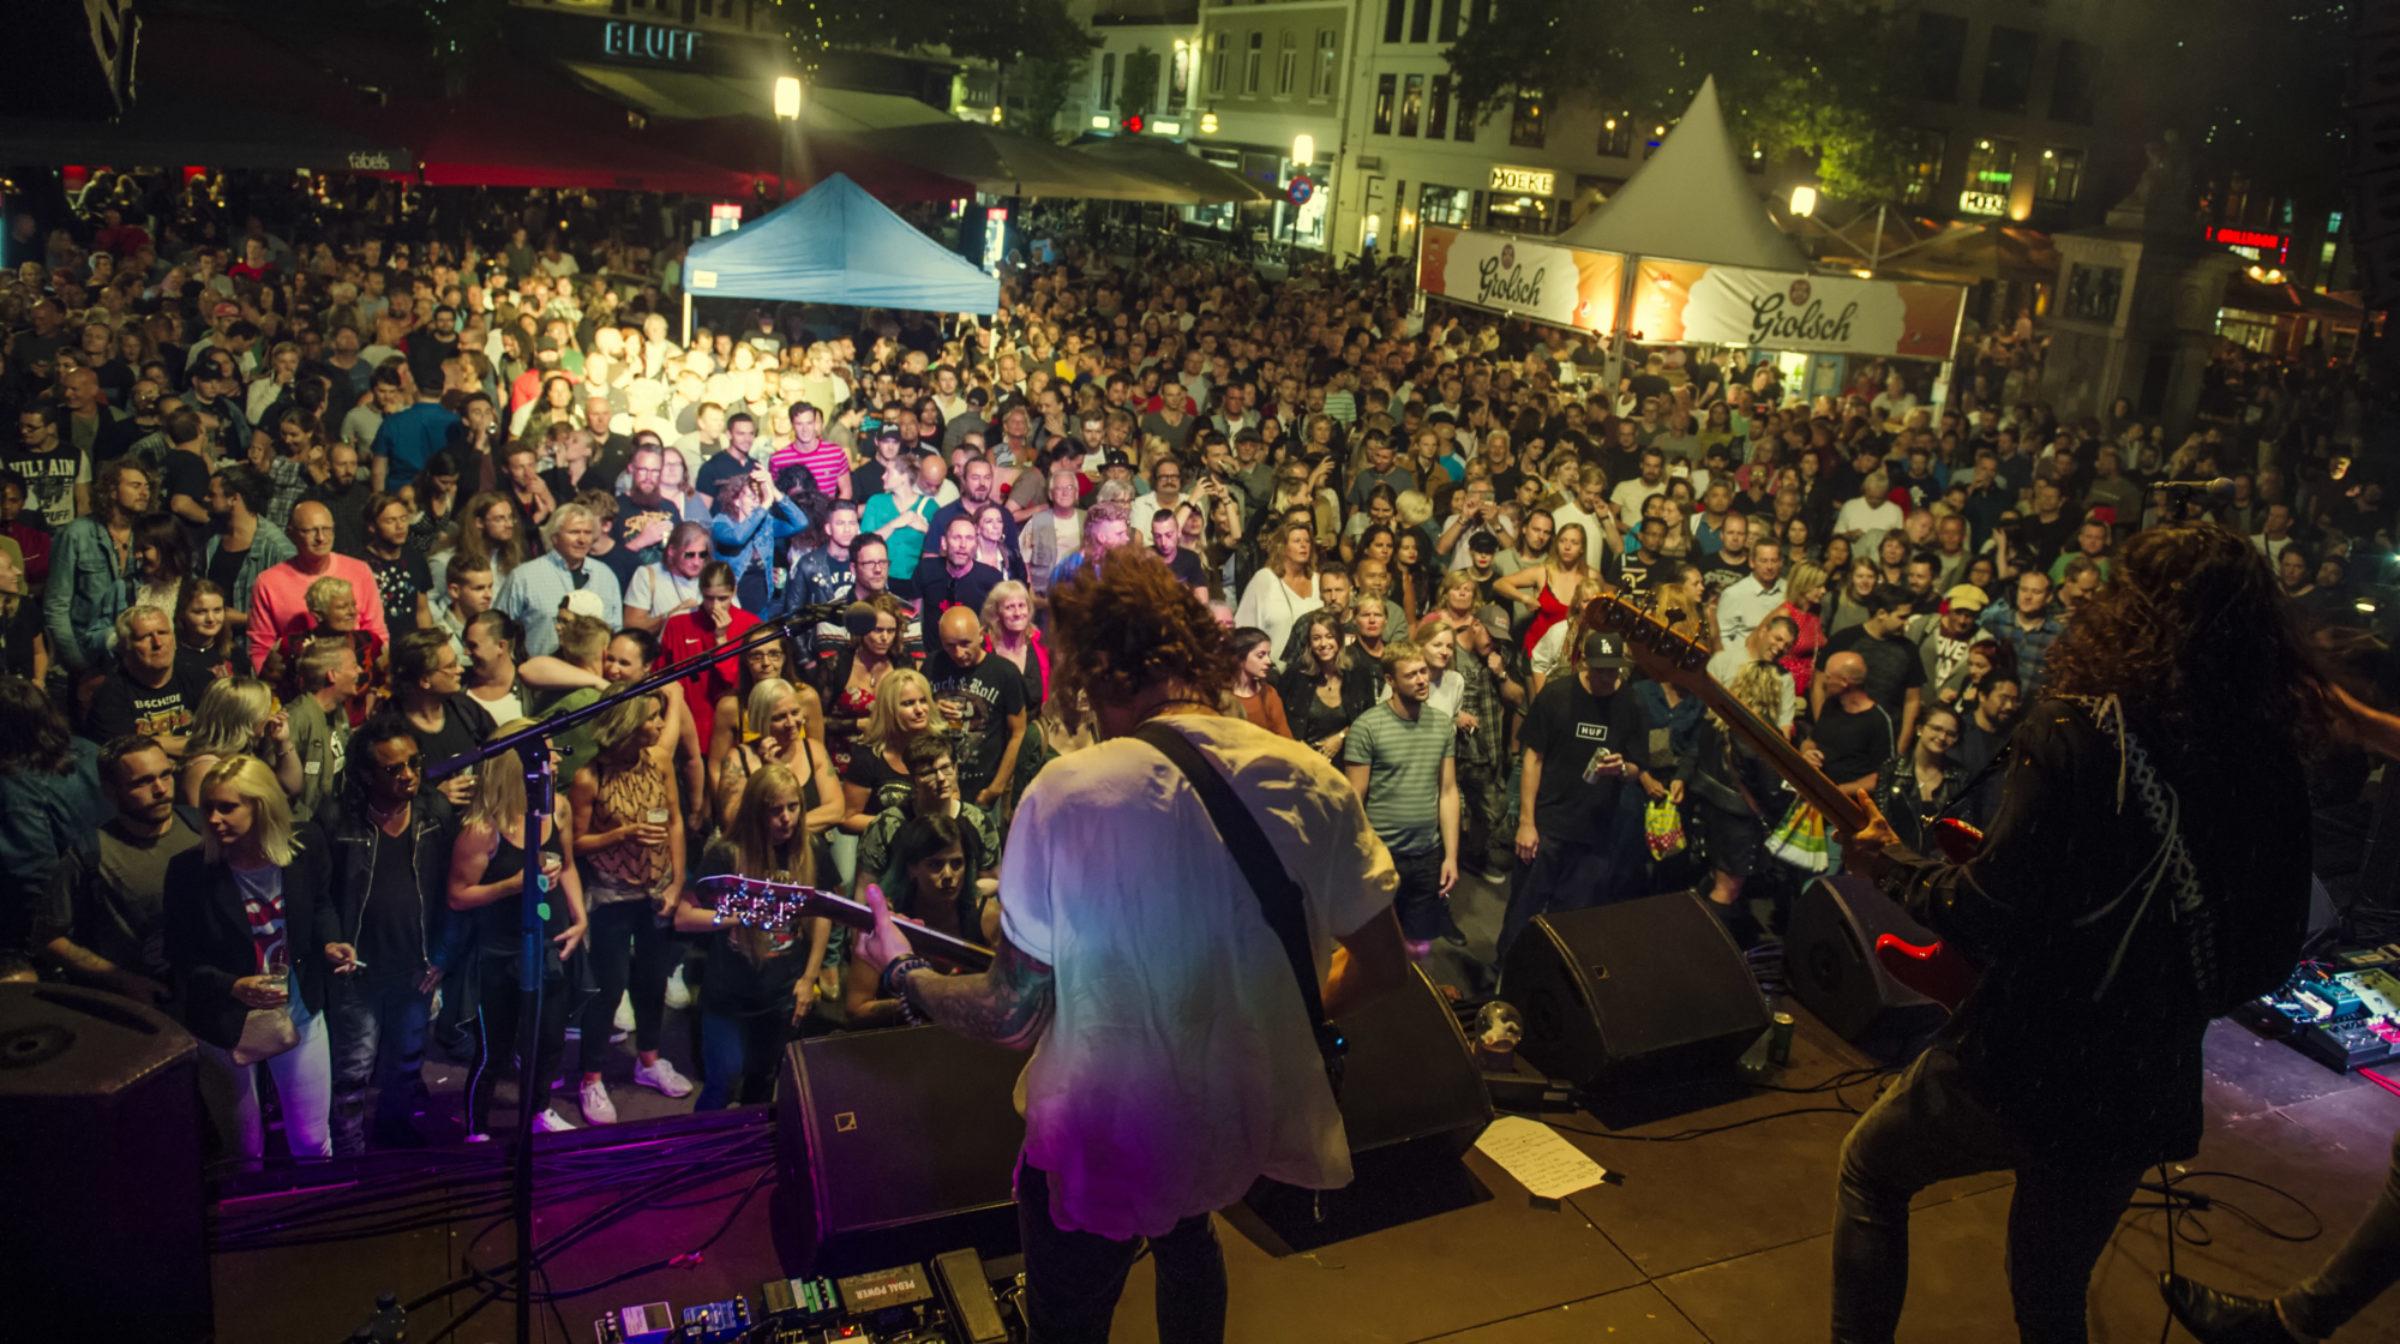 2018 Roy Te Lintelo Grolsch Summer Sounds Enschede Rocks evenementen 7 3770 1578661540 35i1we97k2